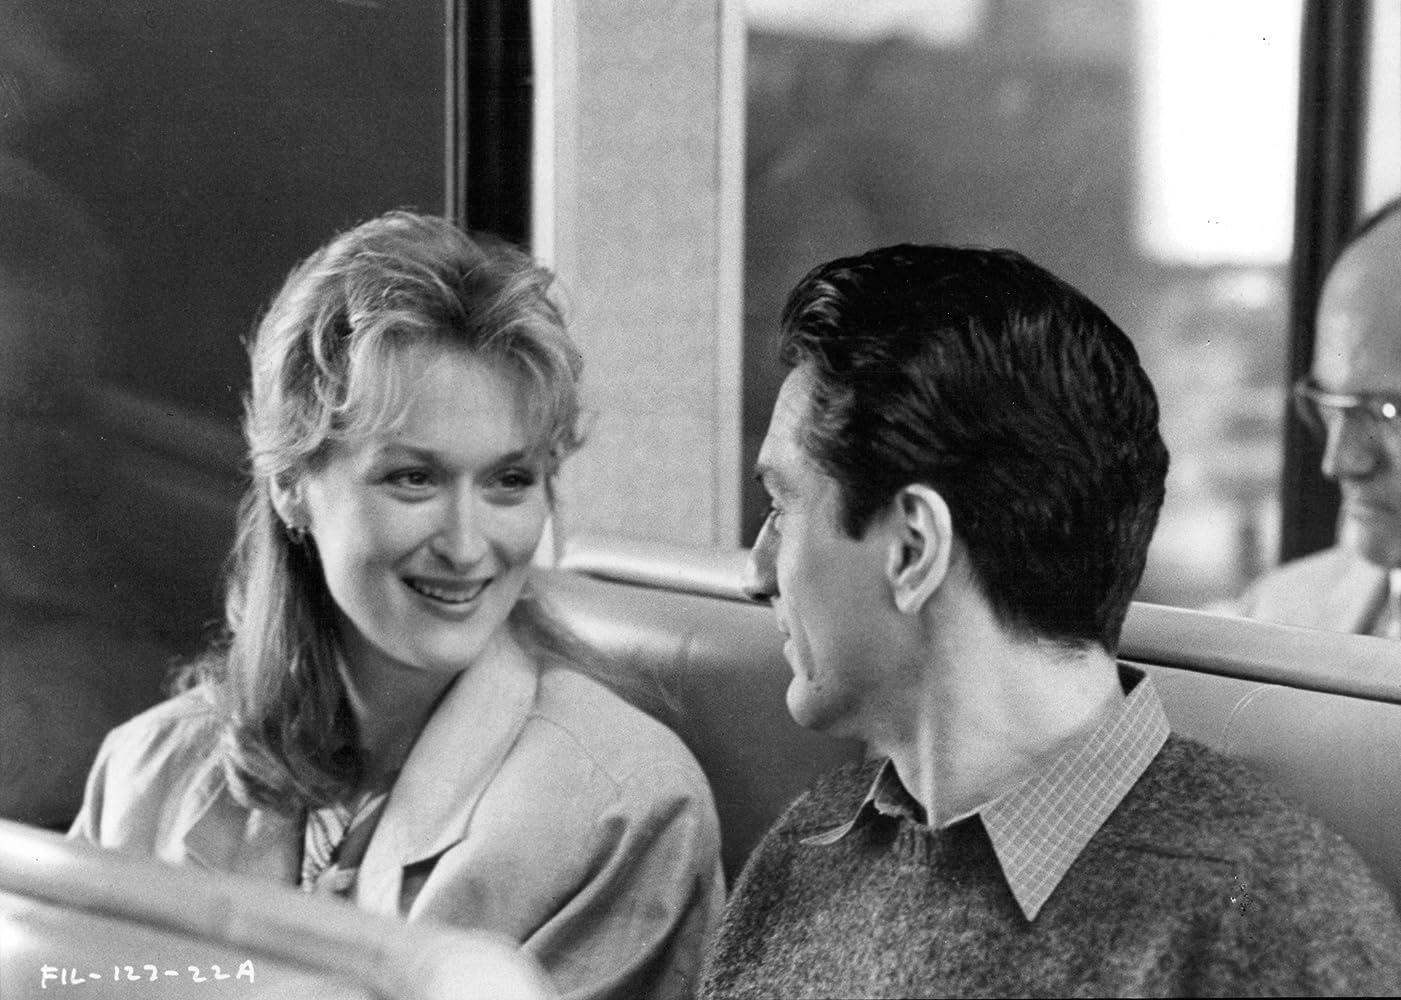 Când te îndrăgosteşti - Falling in Love (1984) Online Subtitrat